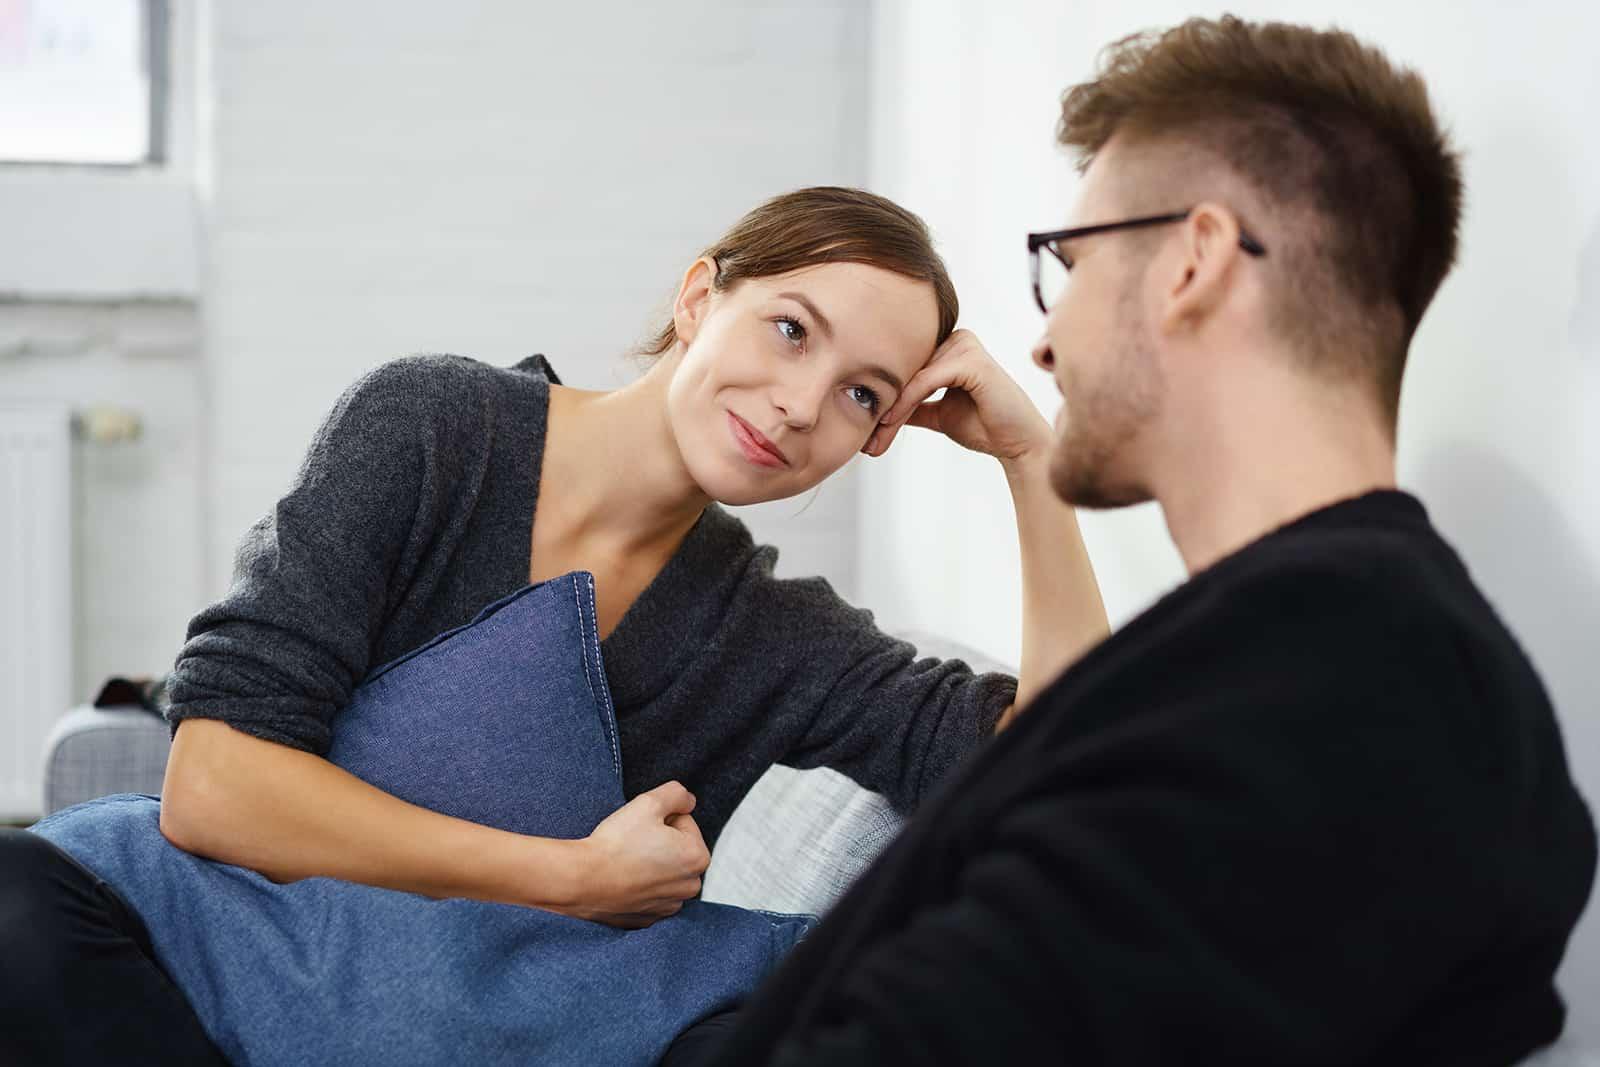 un homme et une femme souriants et se regardant dans les yeux assis sur le canapé